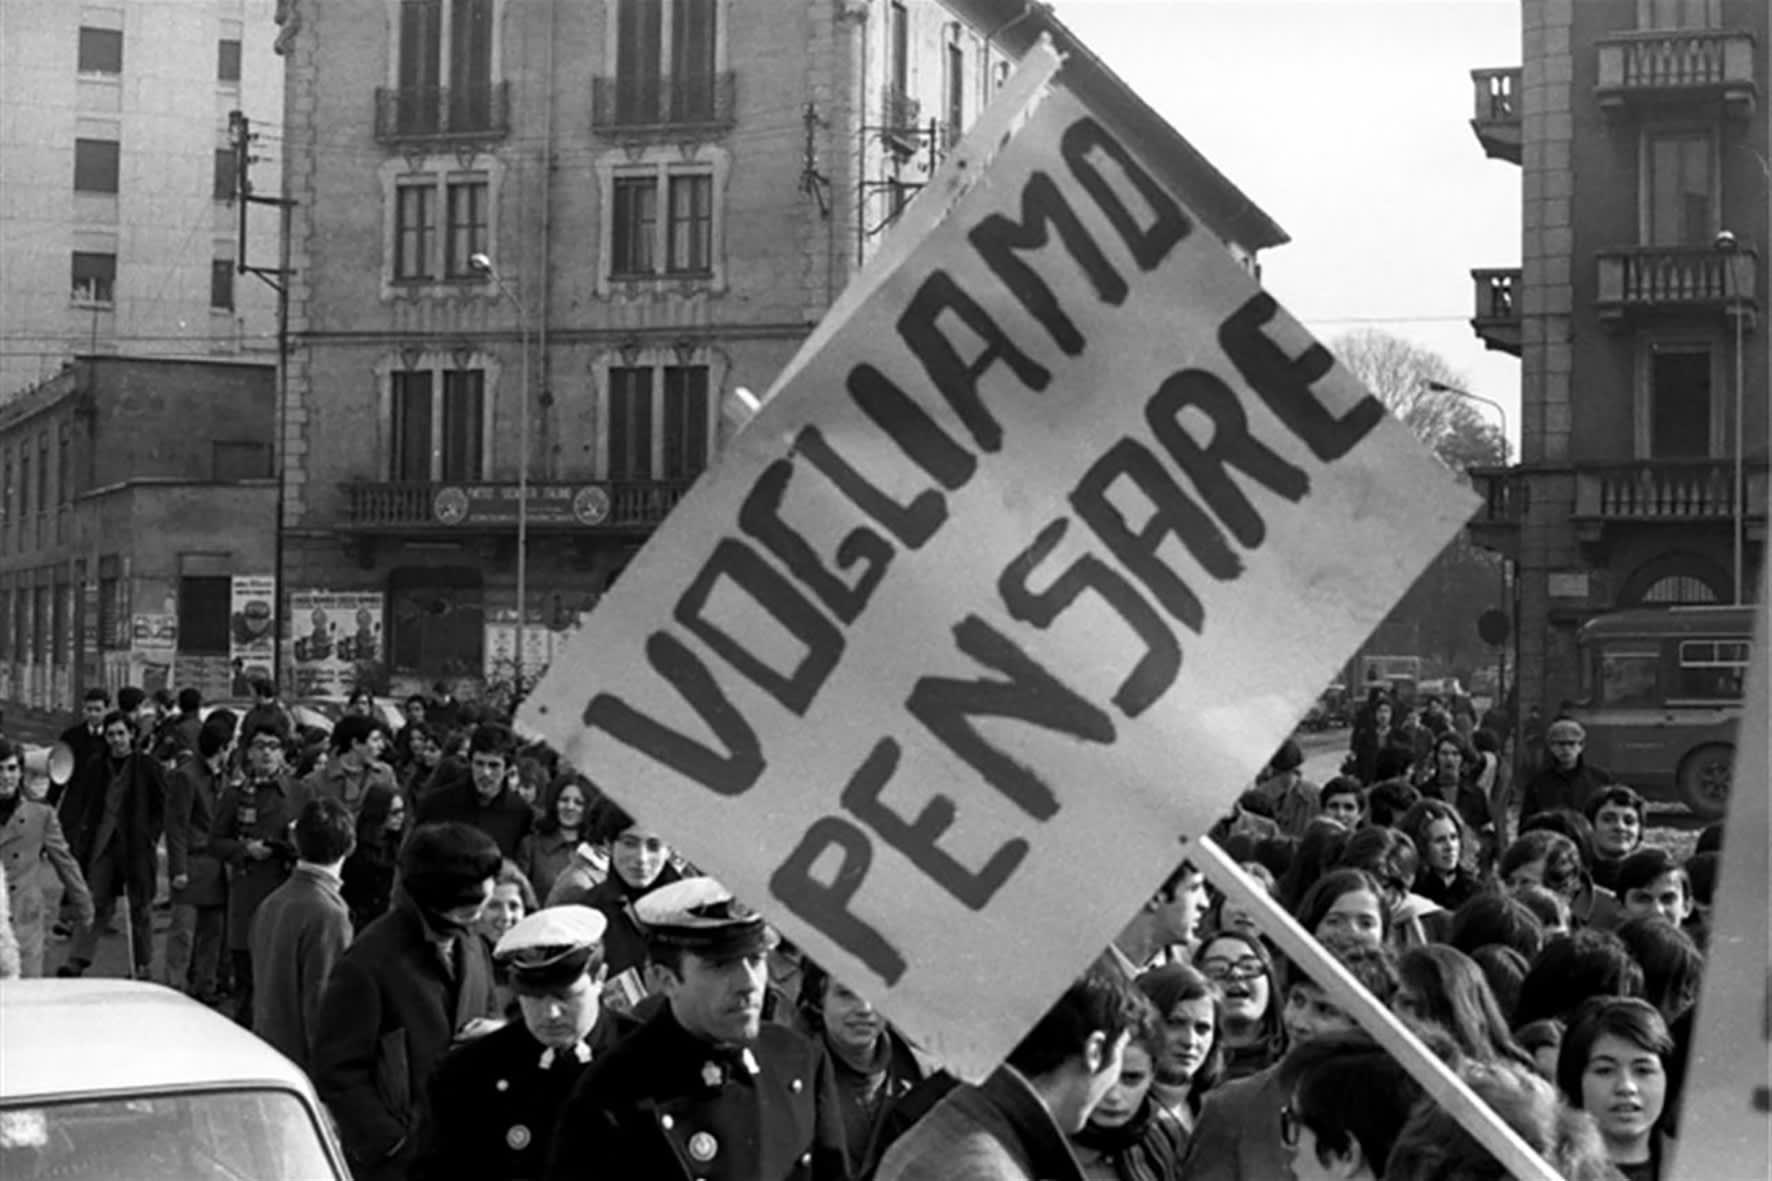 Prato nel 1968: la città che voleva diventare una metropoli